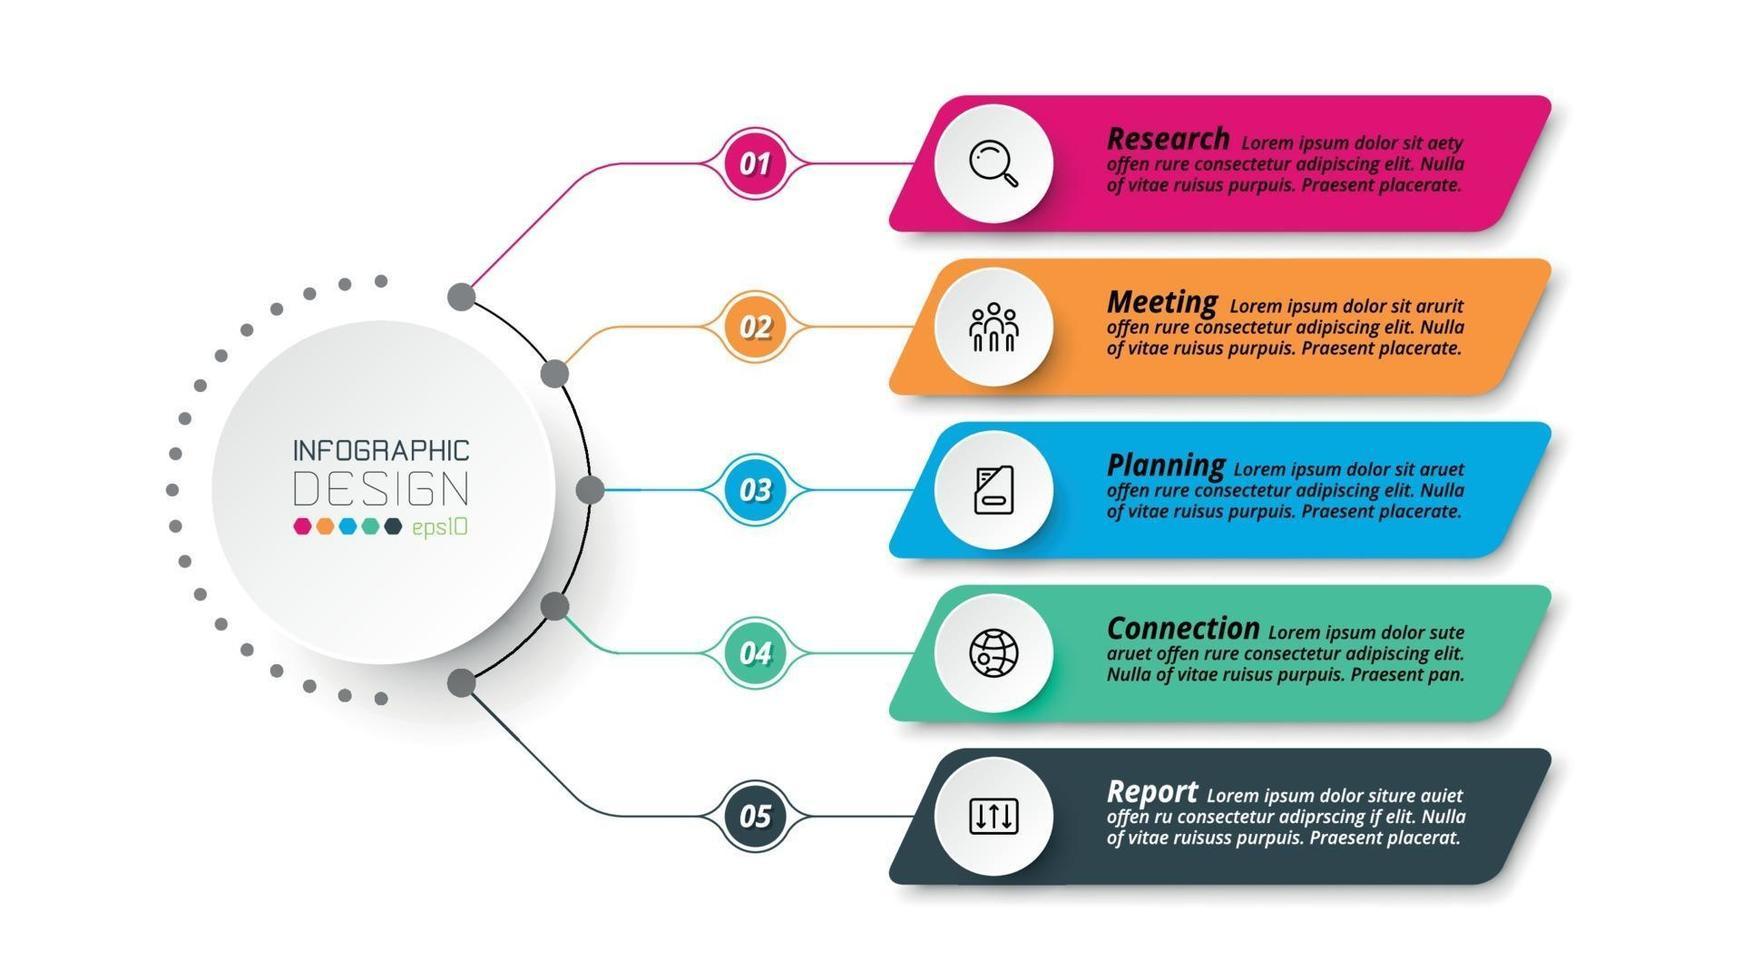 affärs- eller marknadsföringsdiagram infografisk mall. vektor